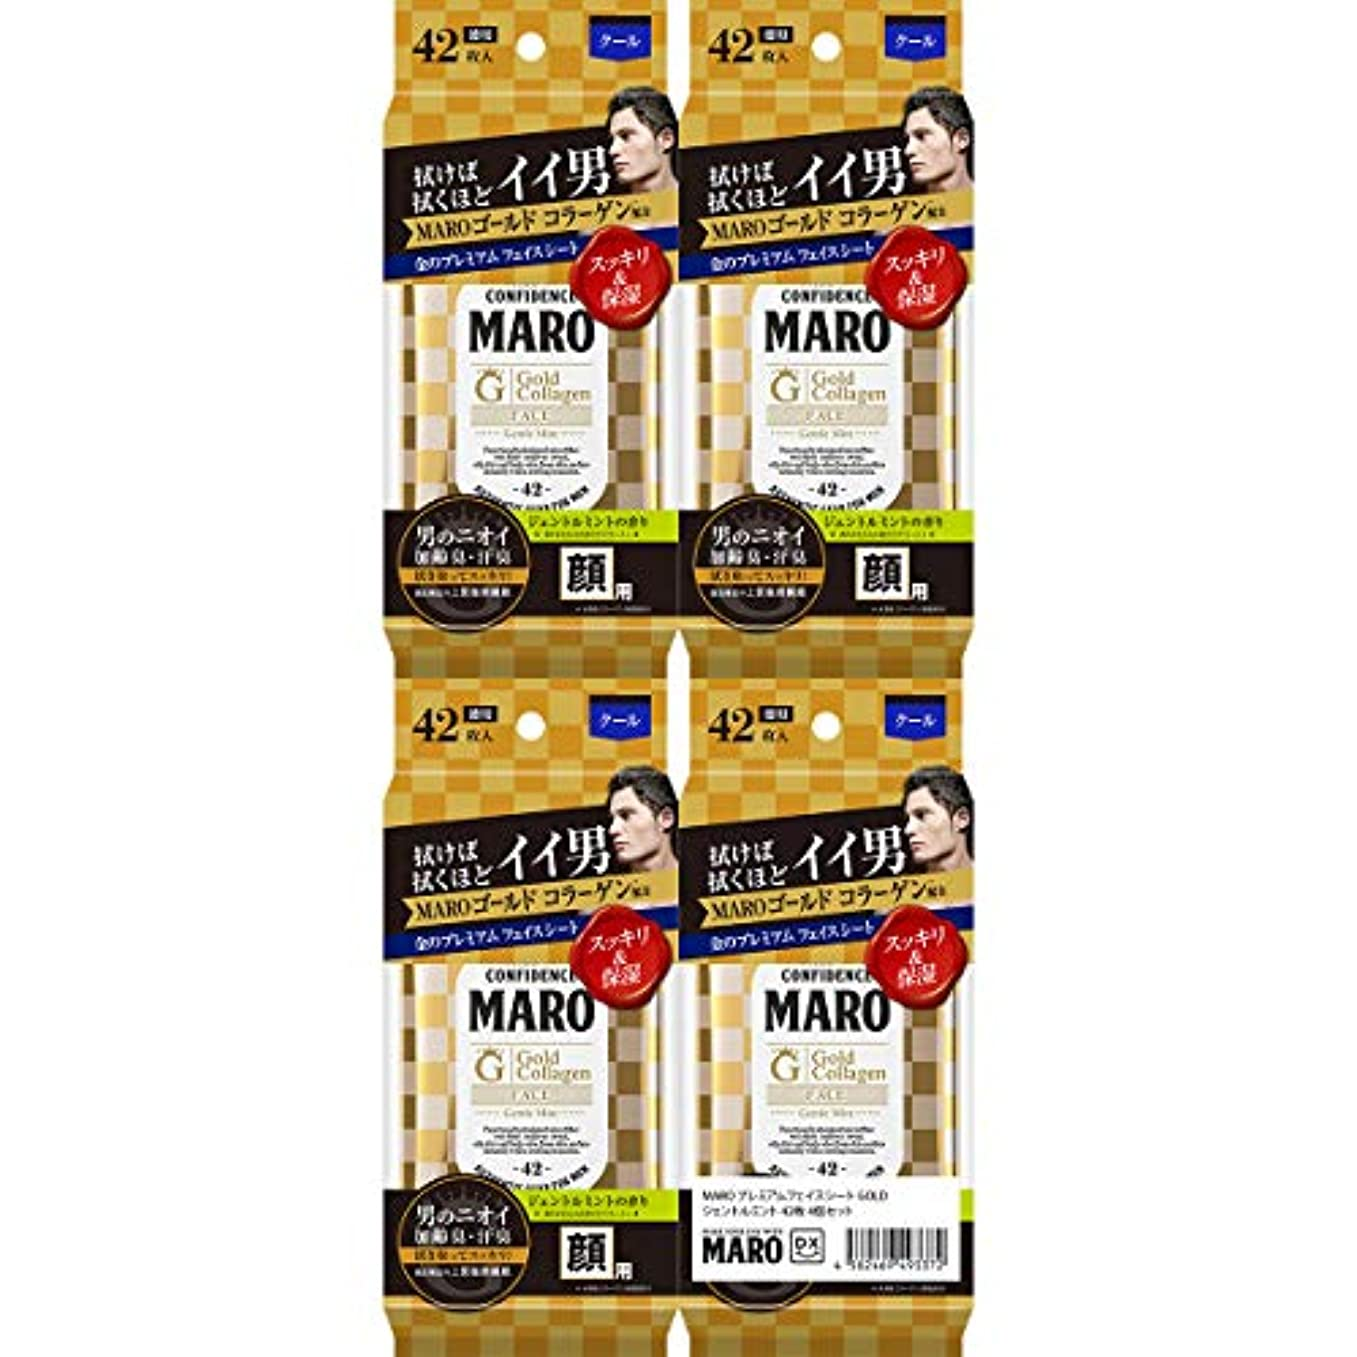 迫害する貯水池空中[Amazon限定ブランド] MARO DX プレミアム フェイスシート GOLD ジェントルミントの香り 42枚×4